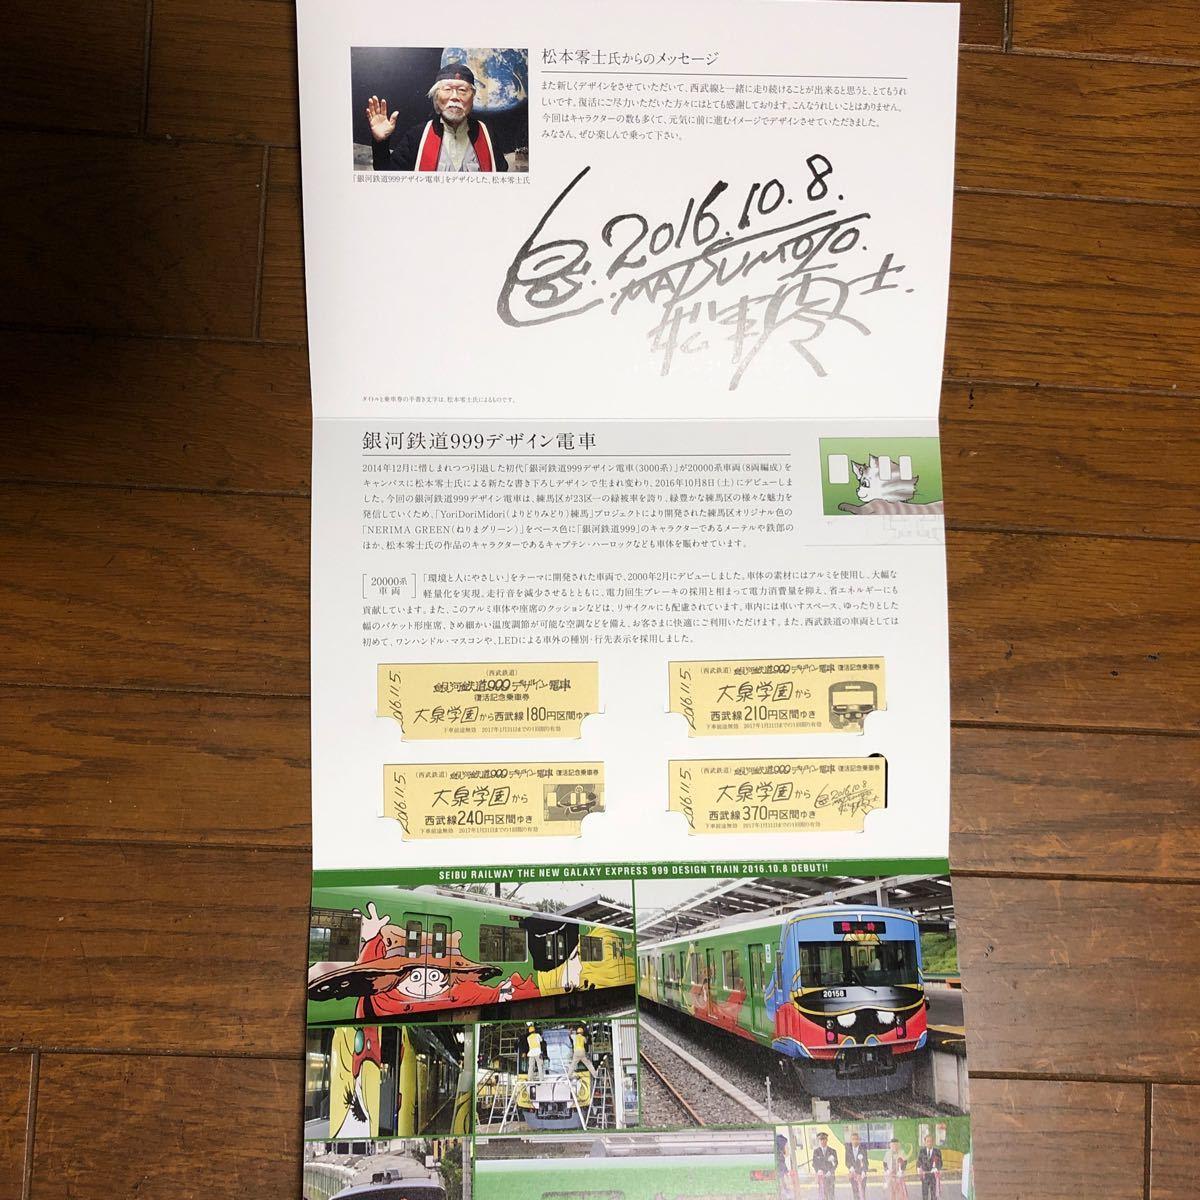 西武鉄道 記念乗車券